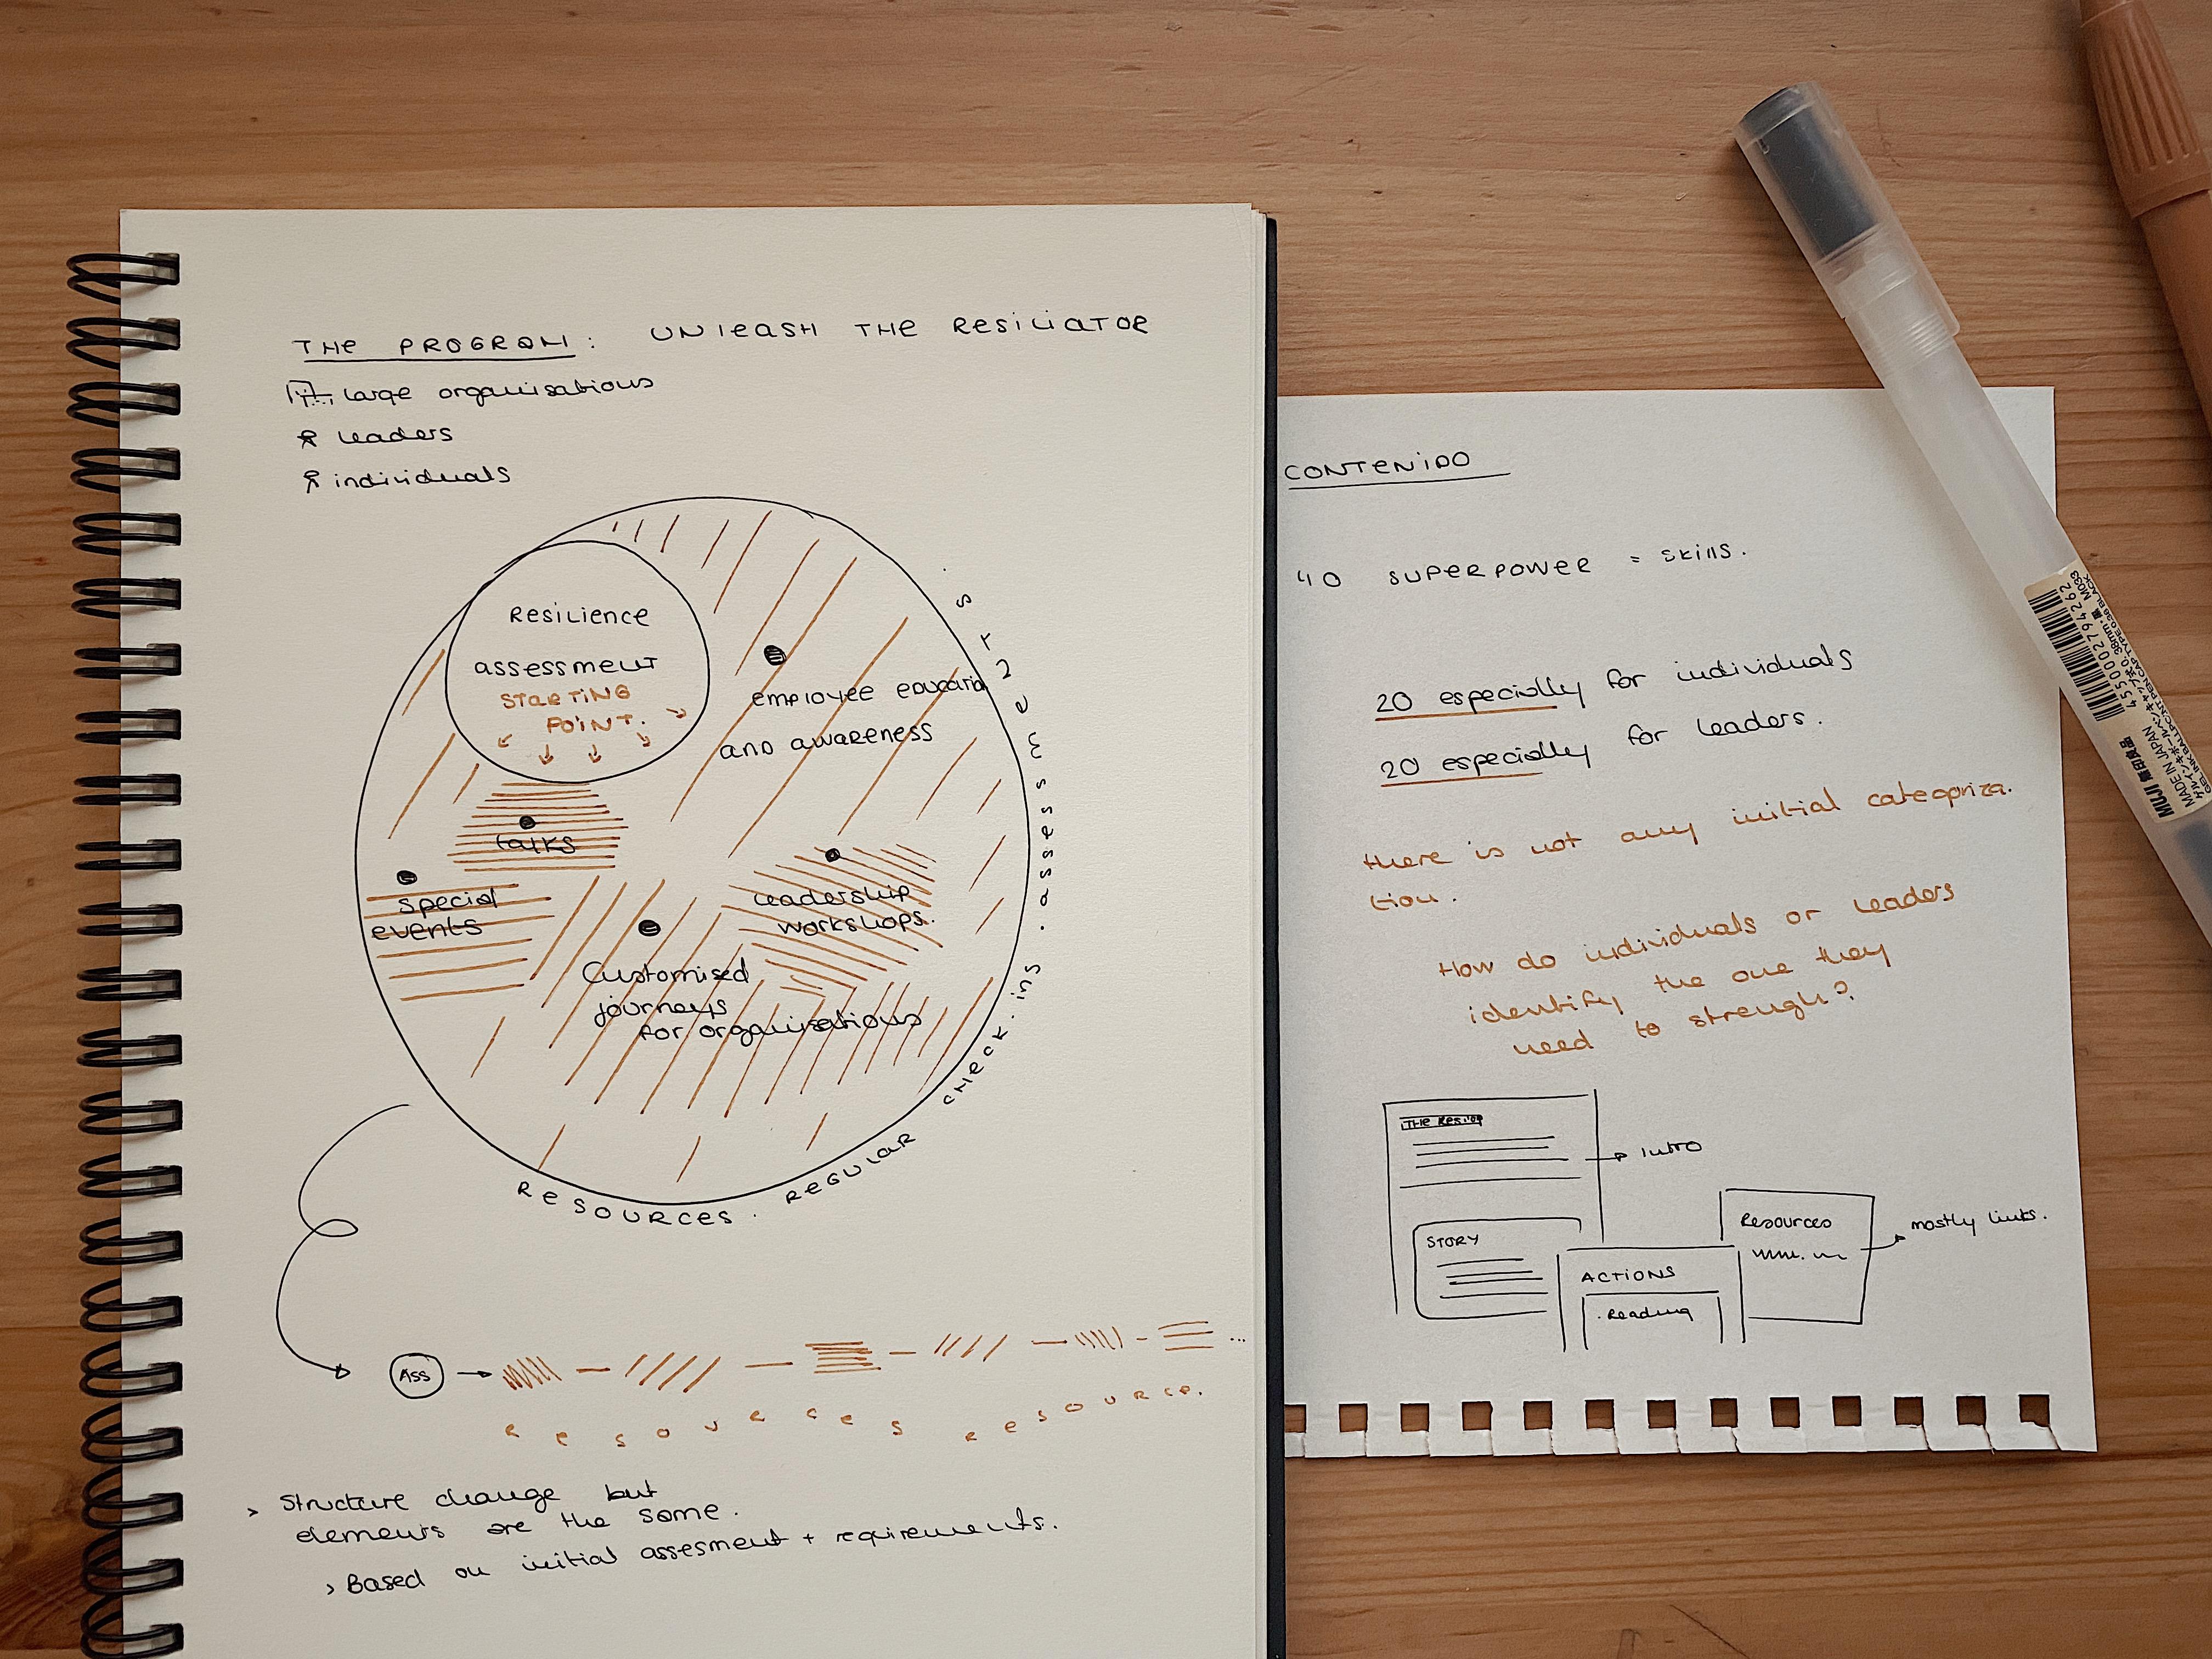 Notes programs